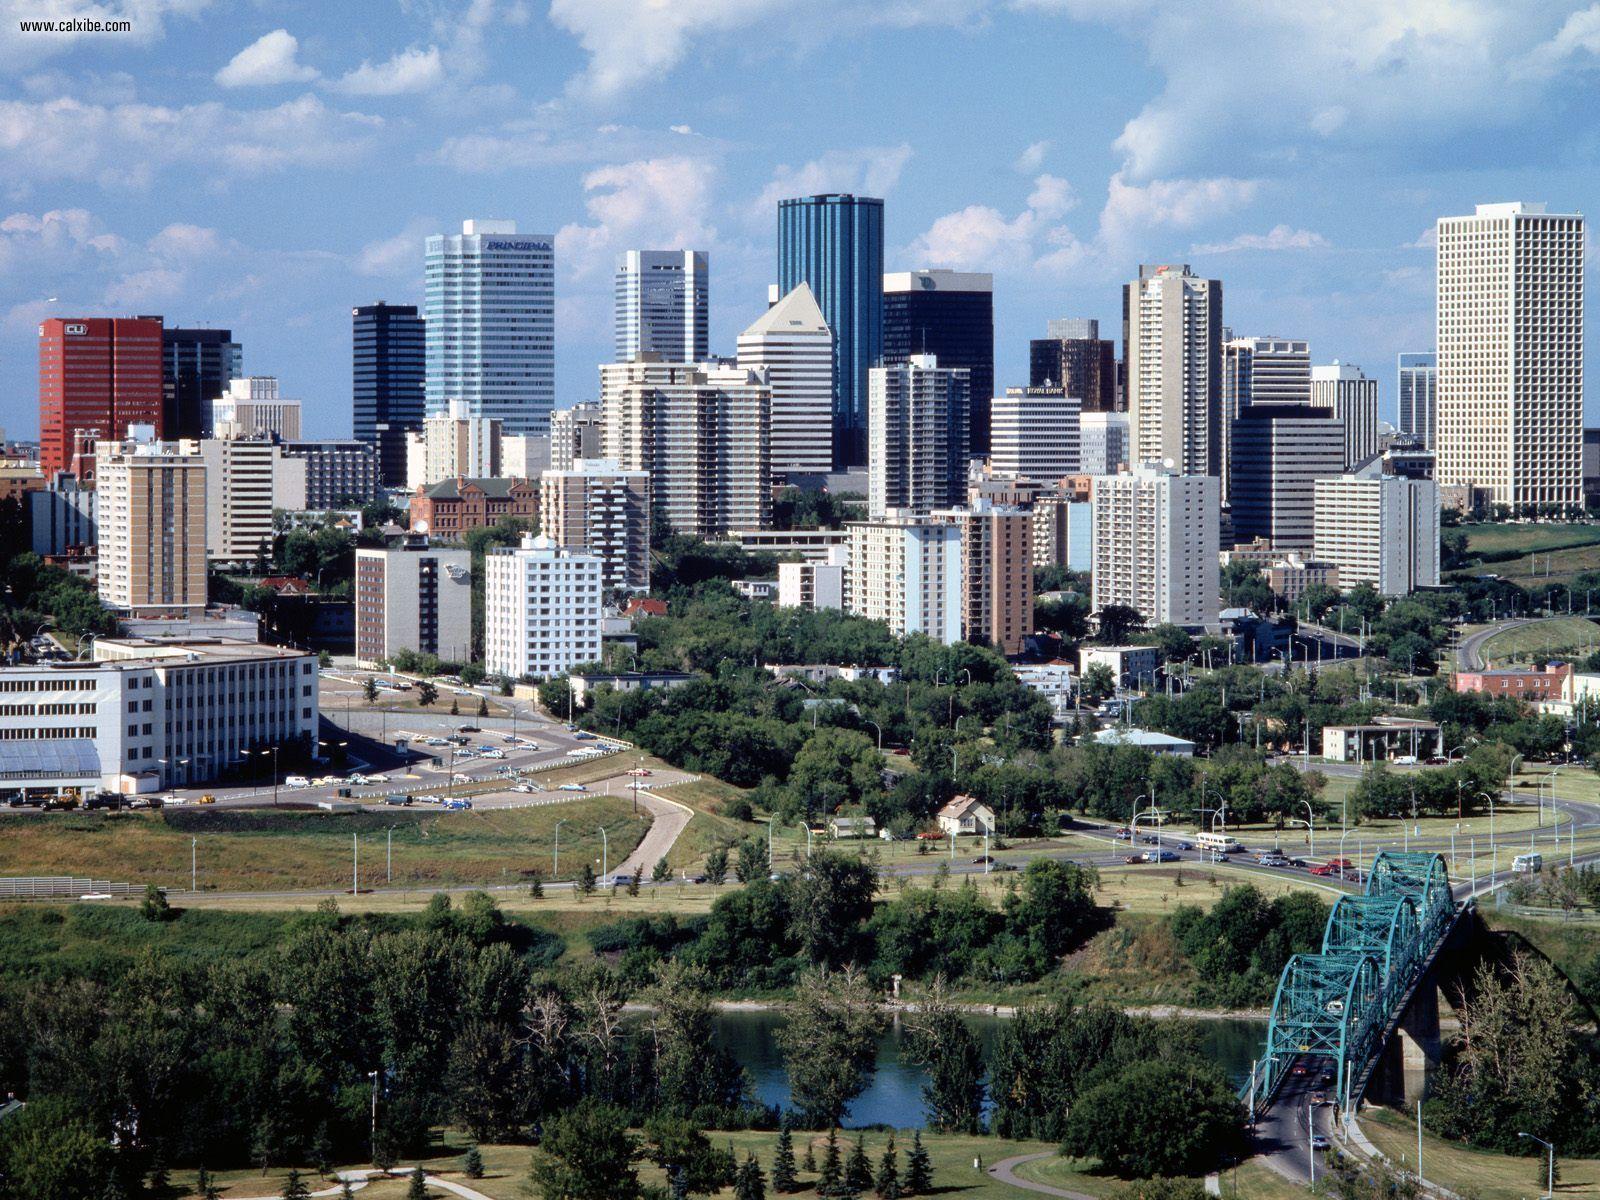 Buildings City Edmonton Alberta Canada desktop wallpaper nr 19305 1600x1200